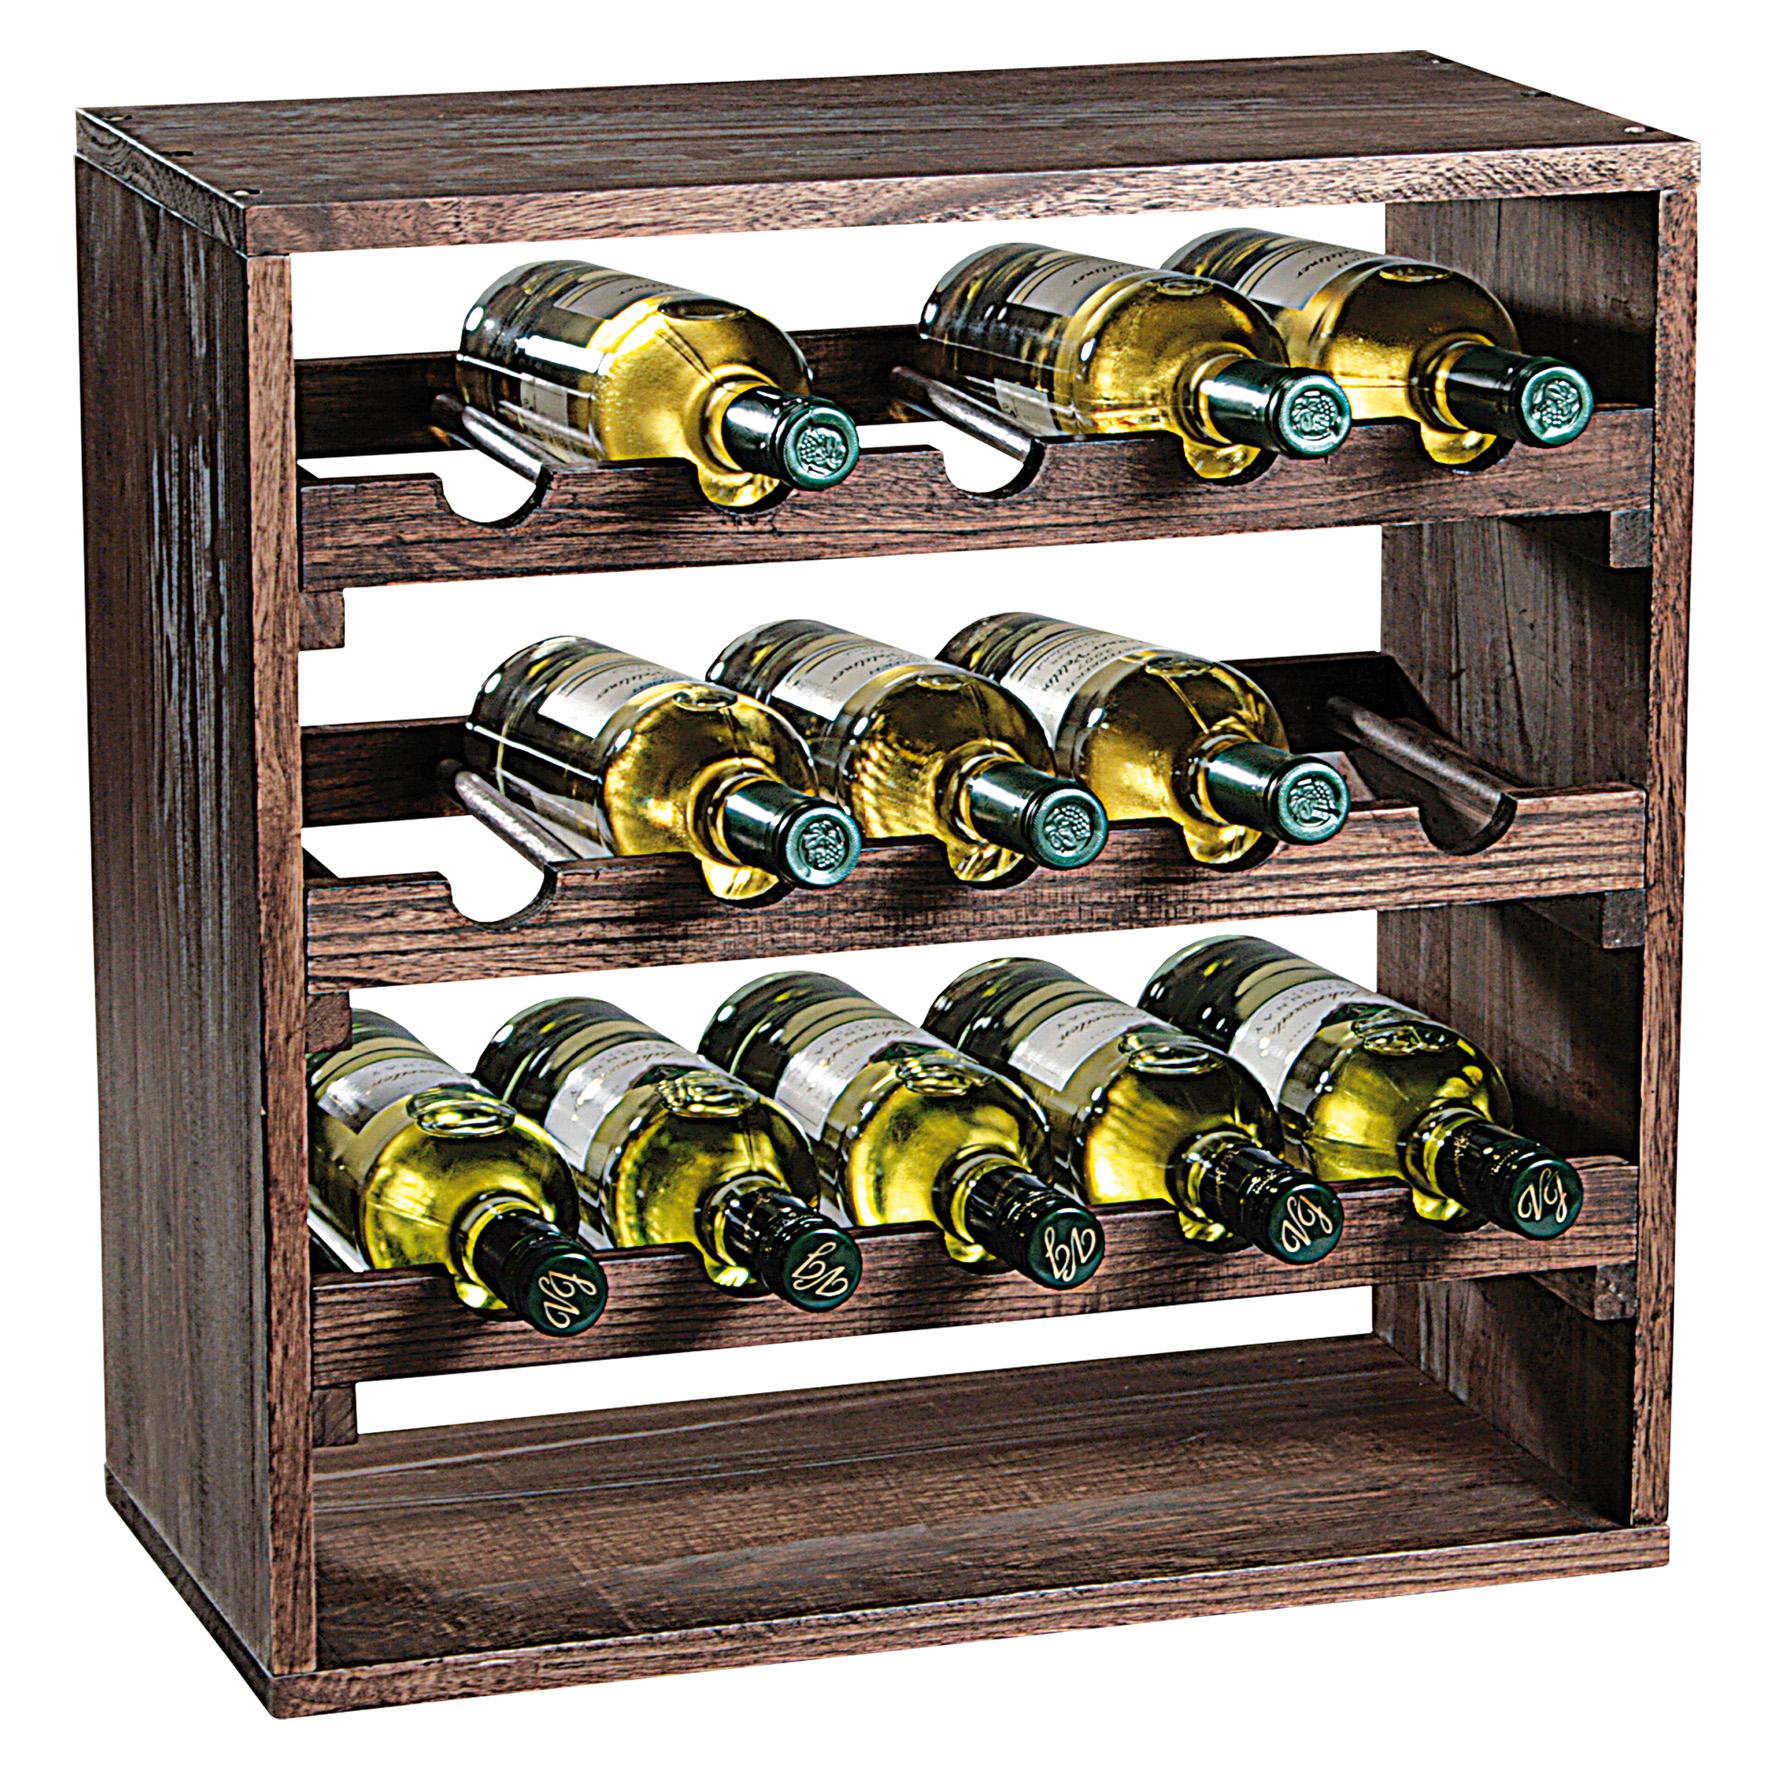 Подставка для бутылок 50х50х25Подставка известного бренда Кеспер, производящего качественную кухонную утварь, способна стать украшением гостеприимного дома. Это устройство представляет собой стеллажную стойку для винных бутылок с тремя рядами полок в прямоугольной раме. Подставка изготовлена из экологичной древесины светло-коричневого оттенка. Она будет органично смотреться на кухне, в подвале и винном погребе. Гости вашего дома по достоинству оценят такой изысканный предмет интерьера в классическом стиле.<br>